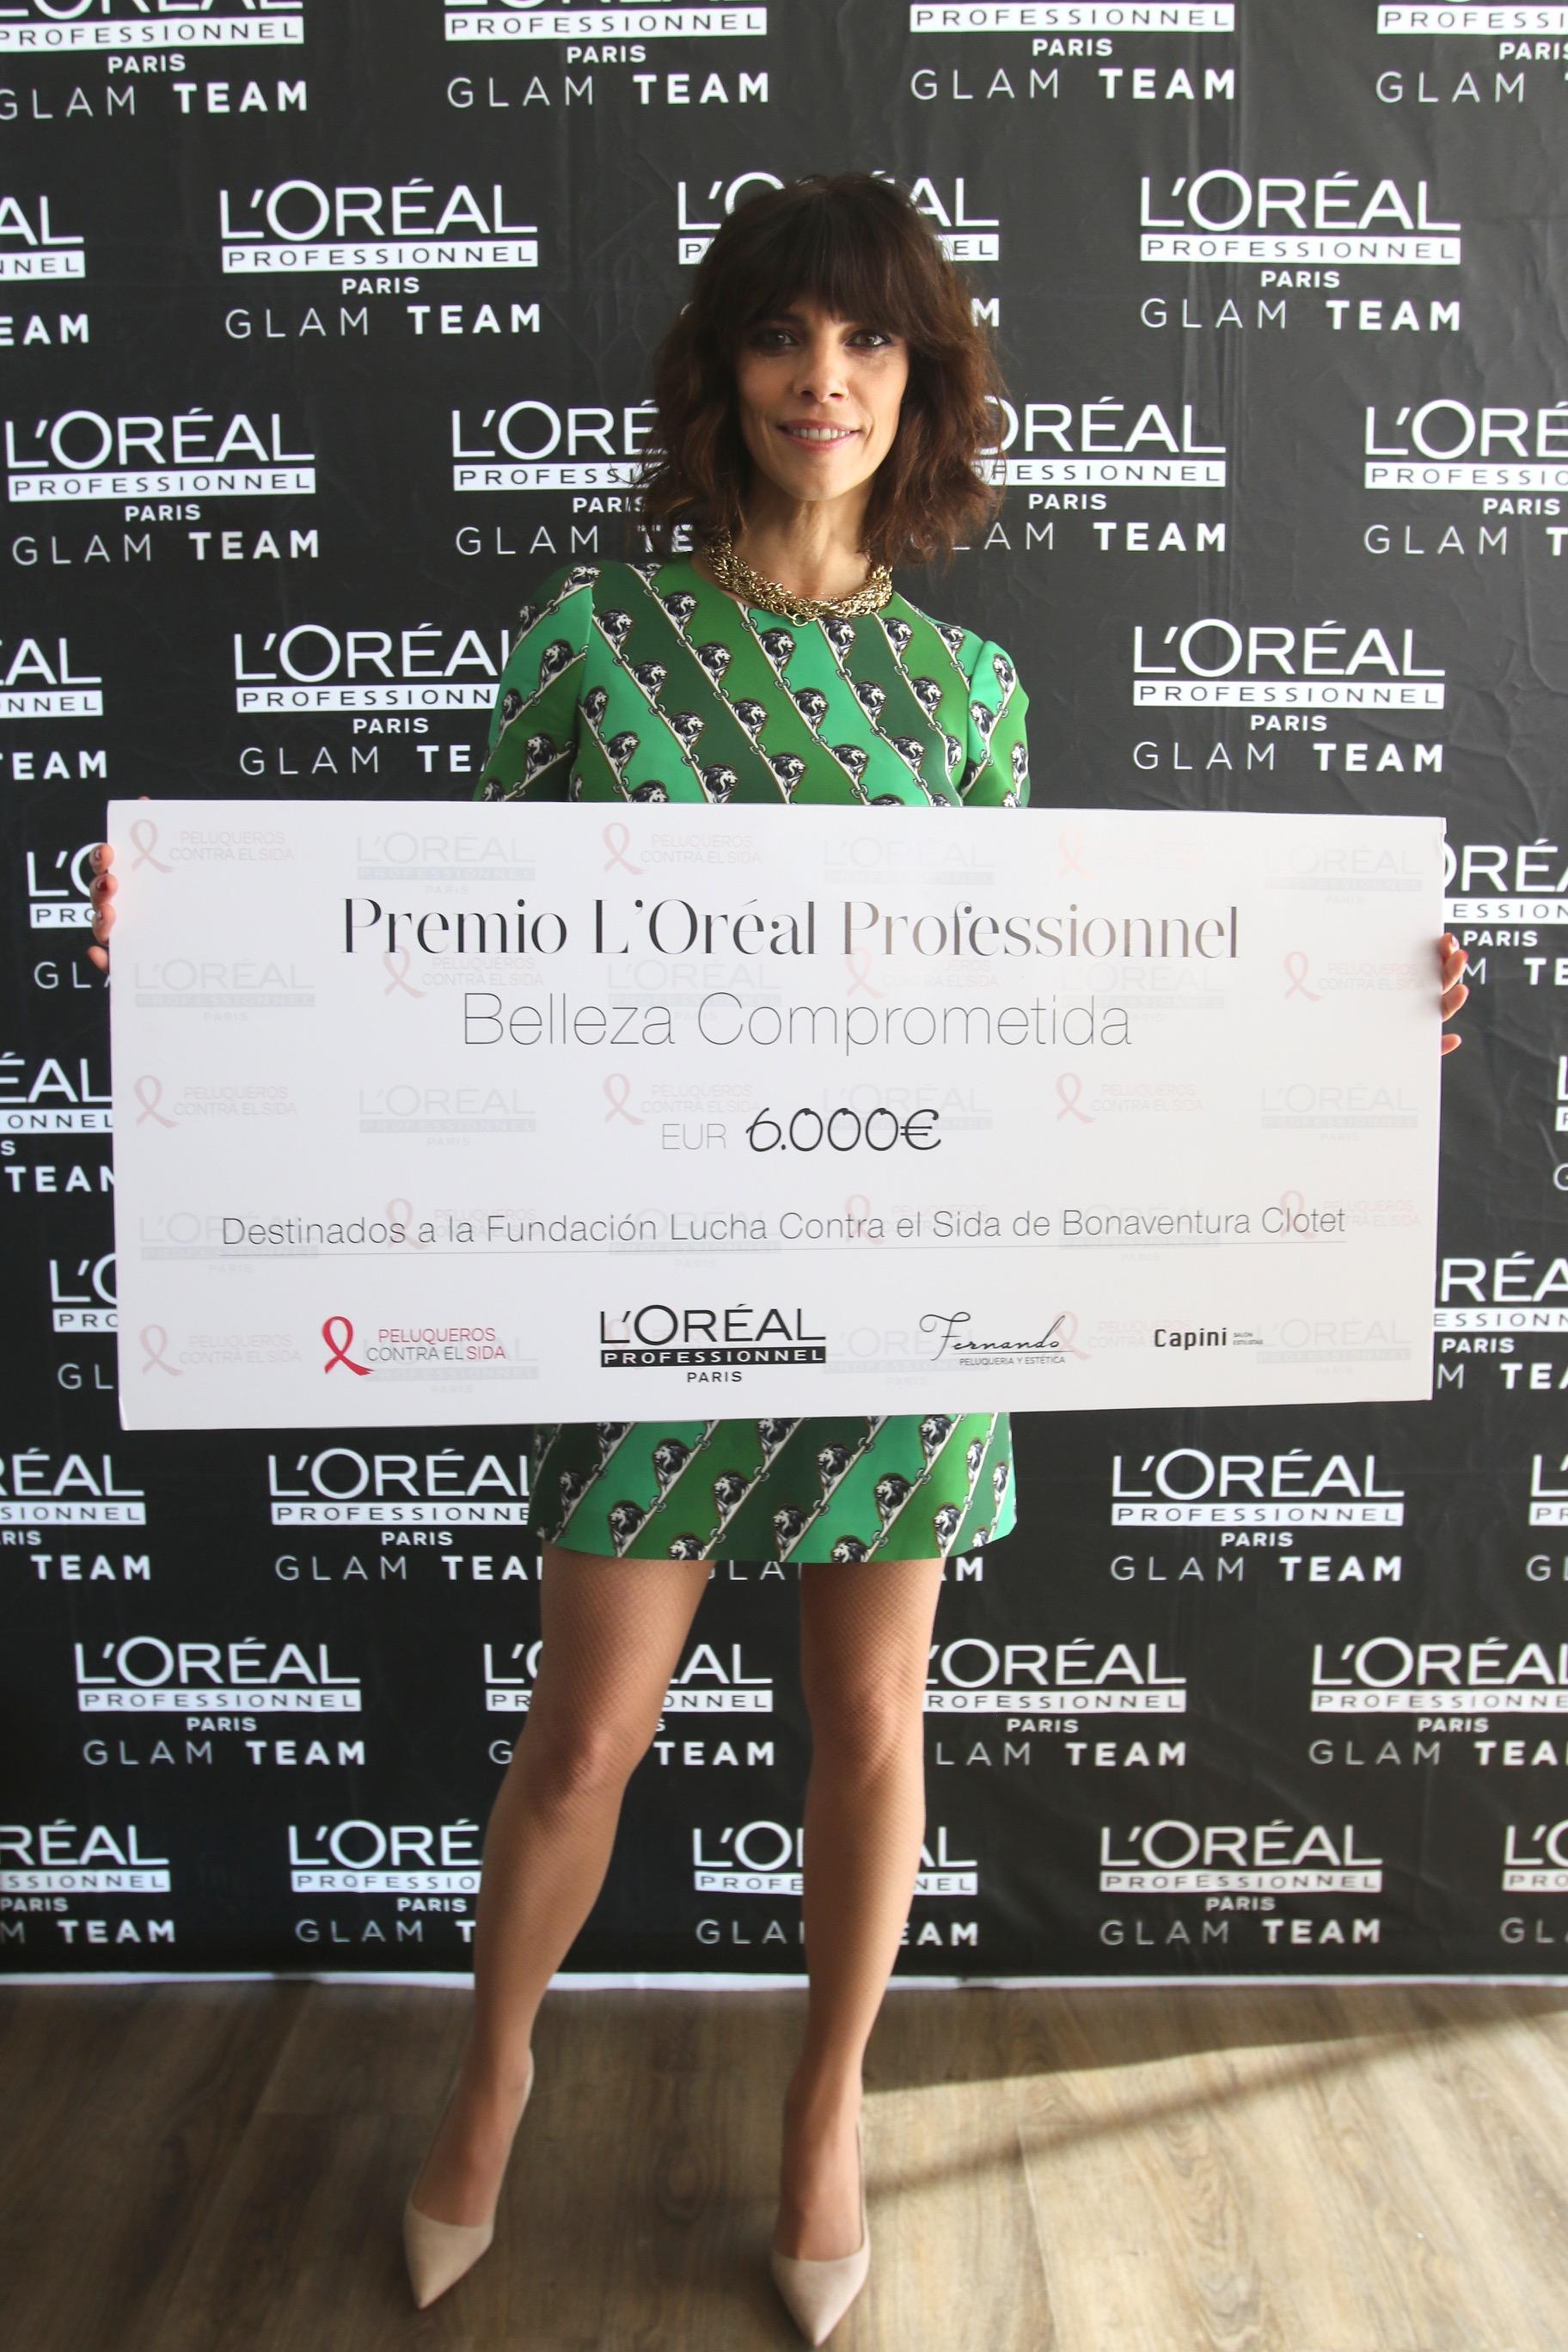 PREMIO BELLEZA COMPROMETIDA - L'ORÉAL PROFESSIONNEL